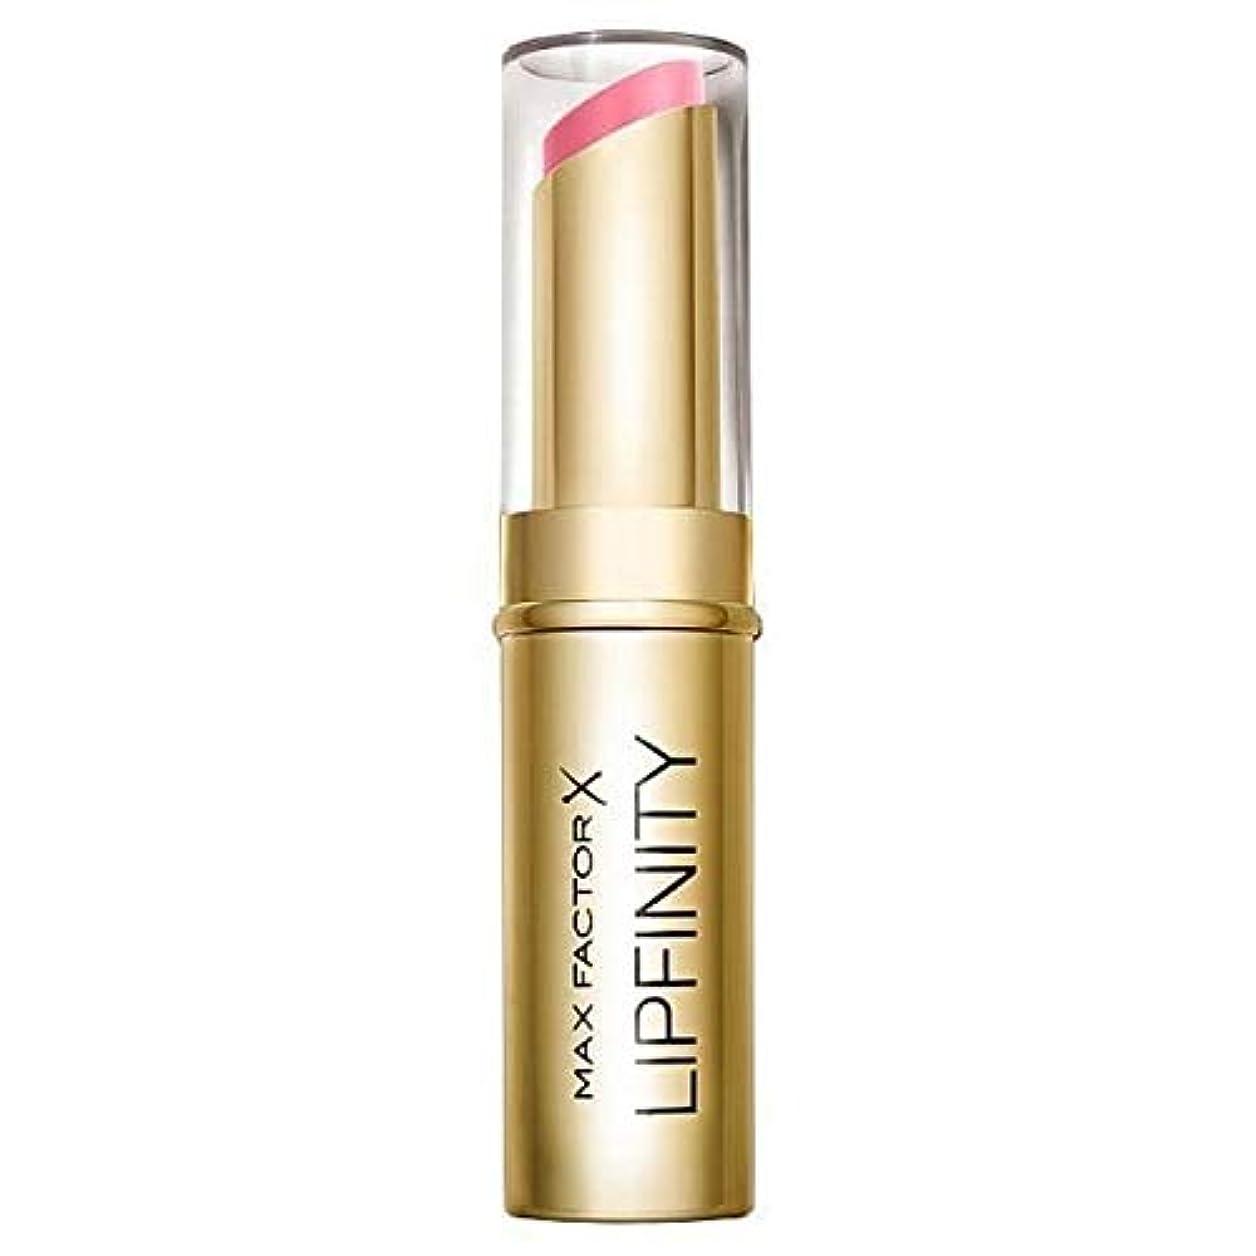 マンハッタン記念日涙が出る[Max Factor ] 長い口紅は永遠崇高持続マックスファクターLipfinity - Max Factor Lipfinity Long Lasting Lipstick Evermore Sublime [並行輸入品]